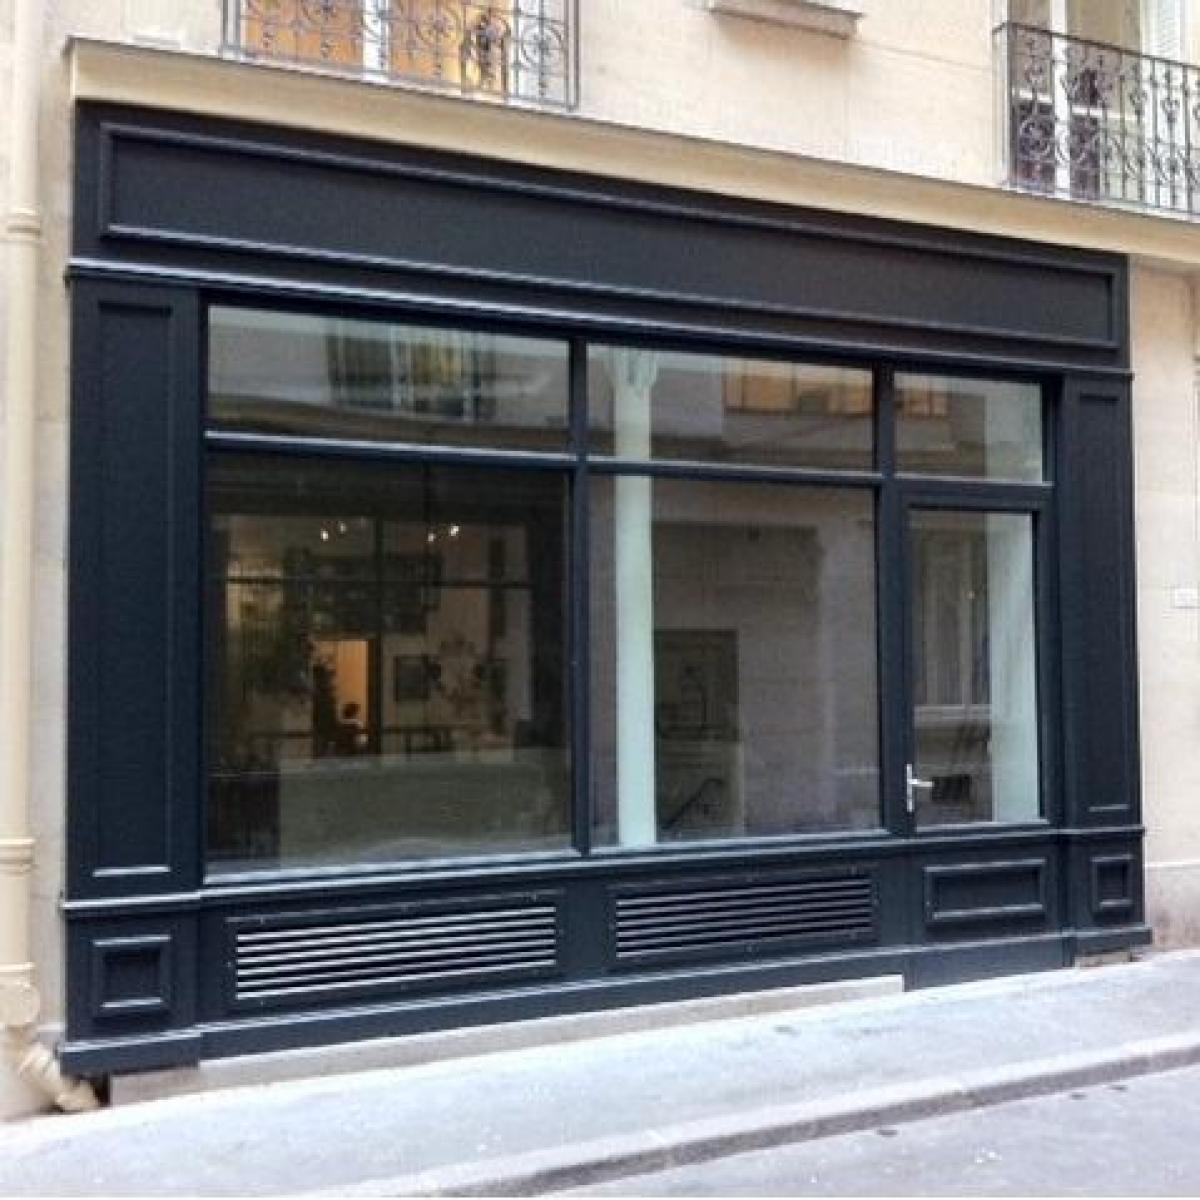 Vitrine acier avec habillage bois, installée rue de l'Opéra à Paris<br>